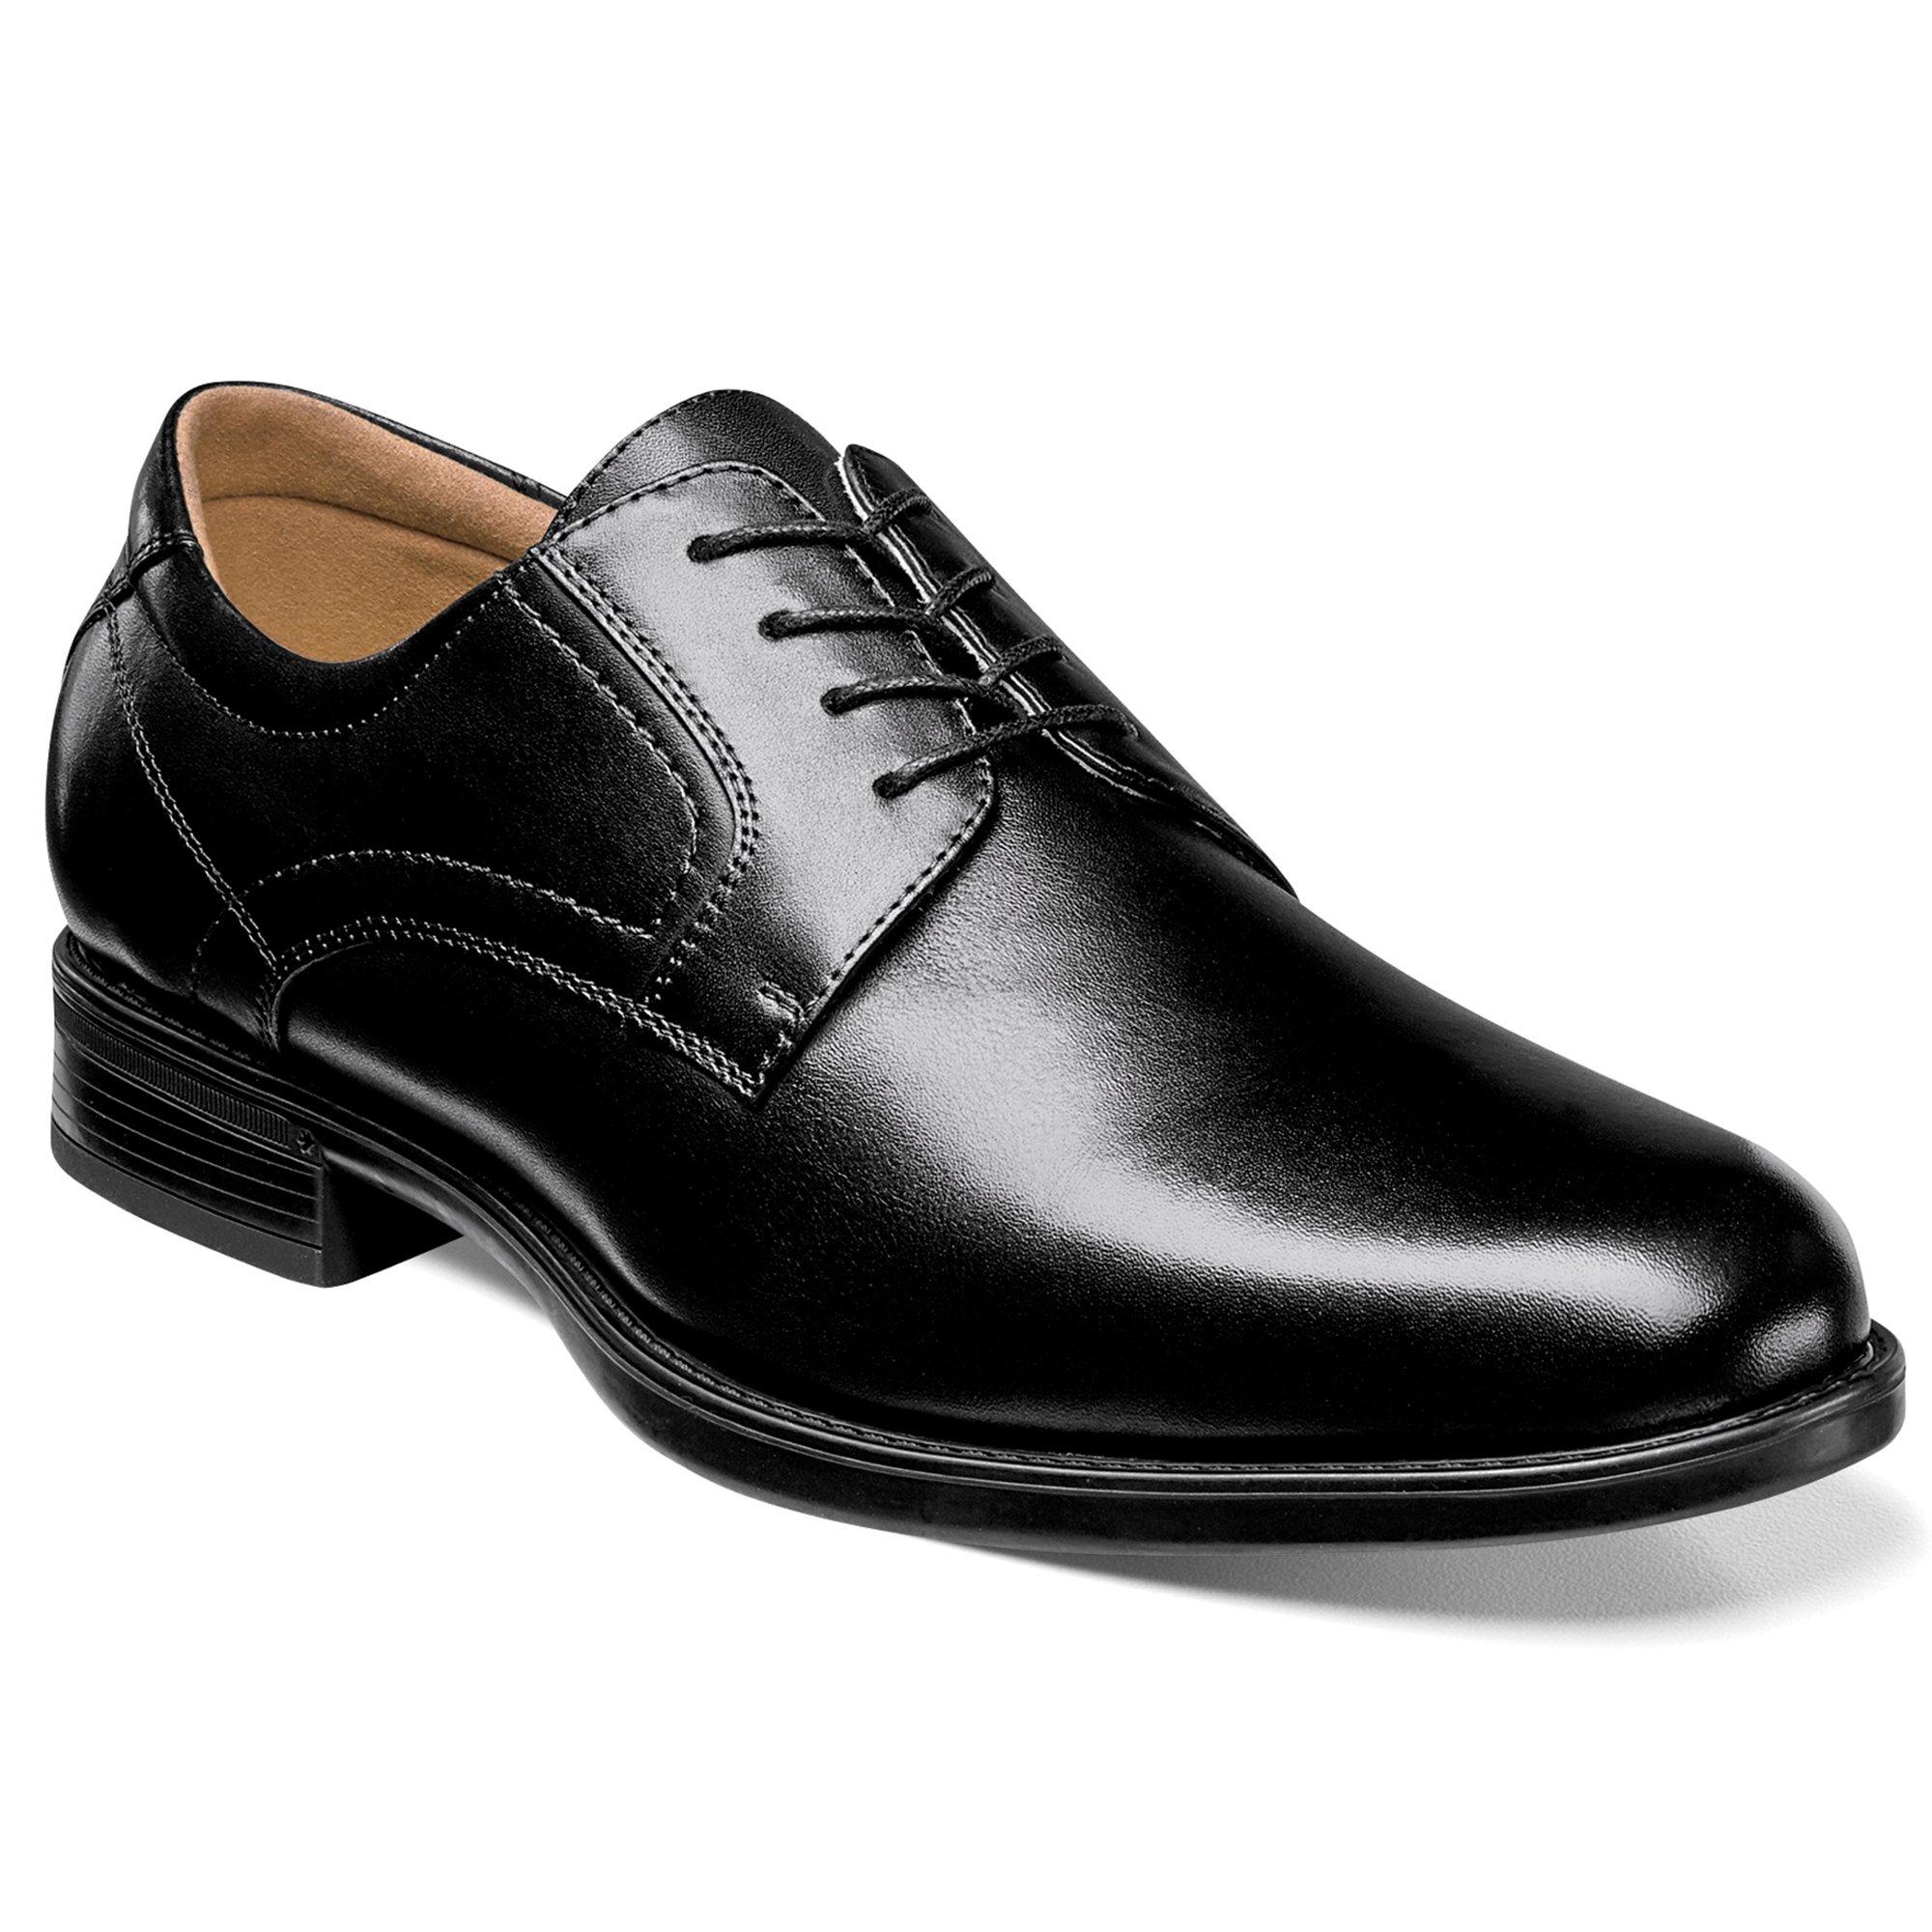 ea993636a4d Florsheim Midtown Plain Toe Dress Shoe